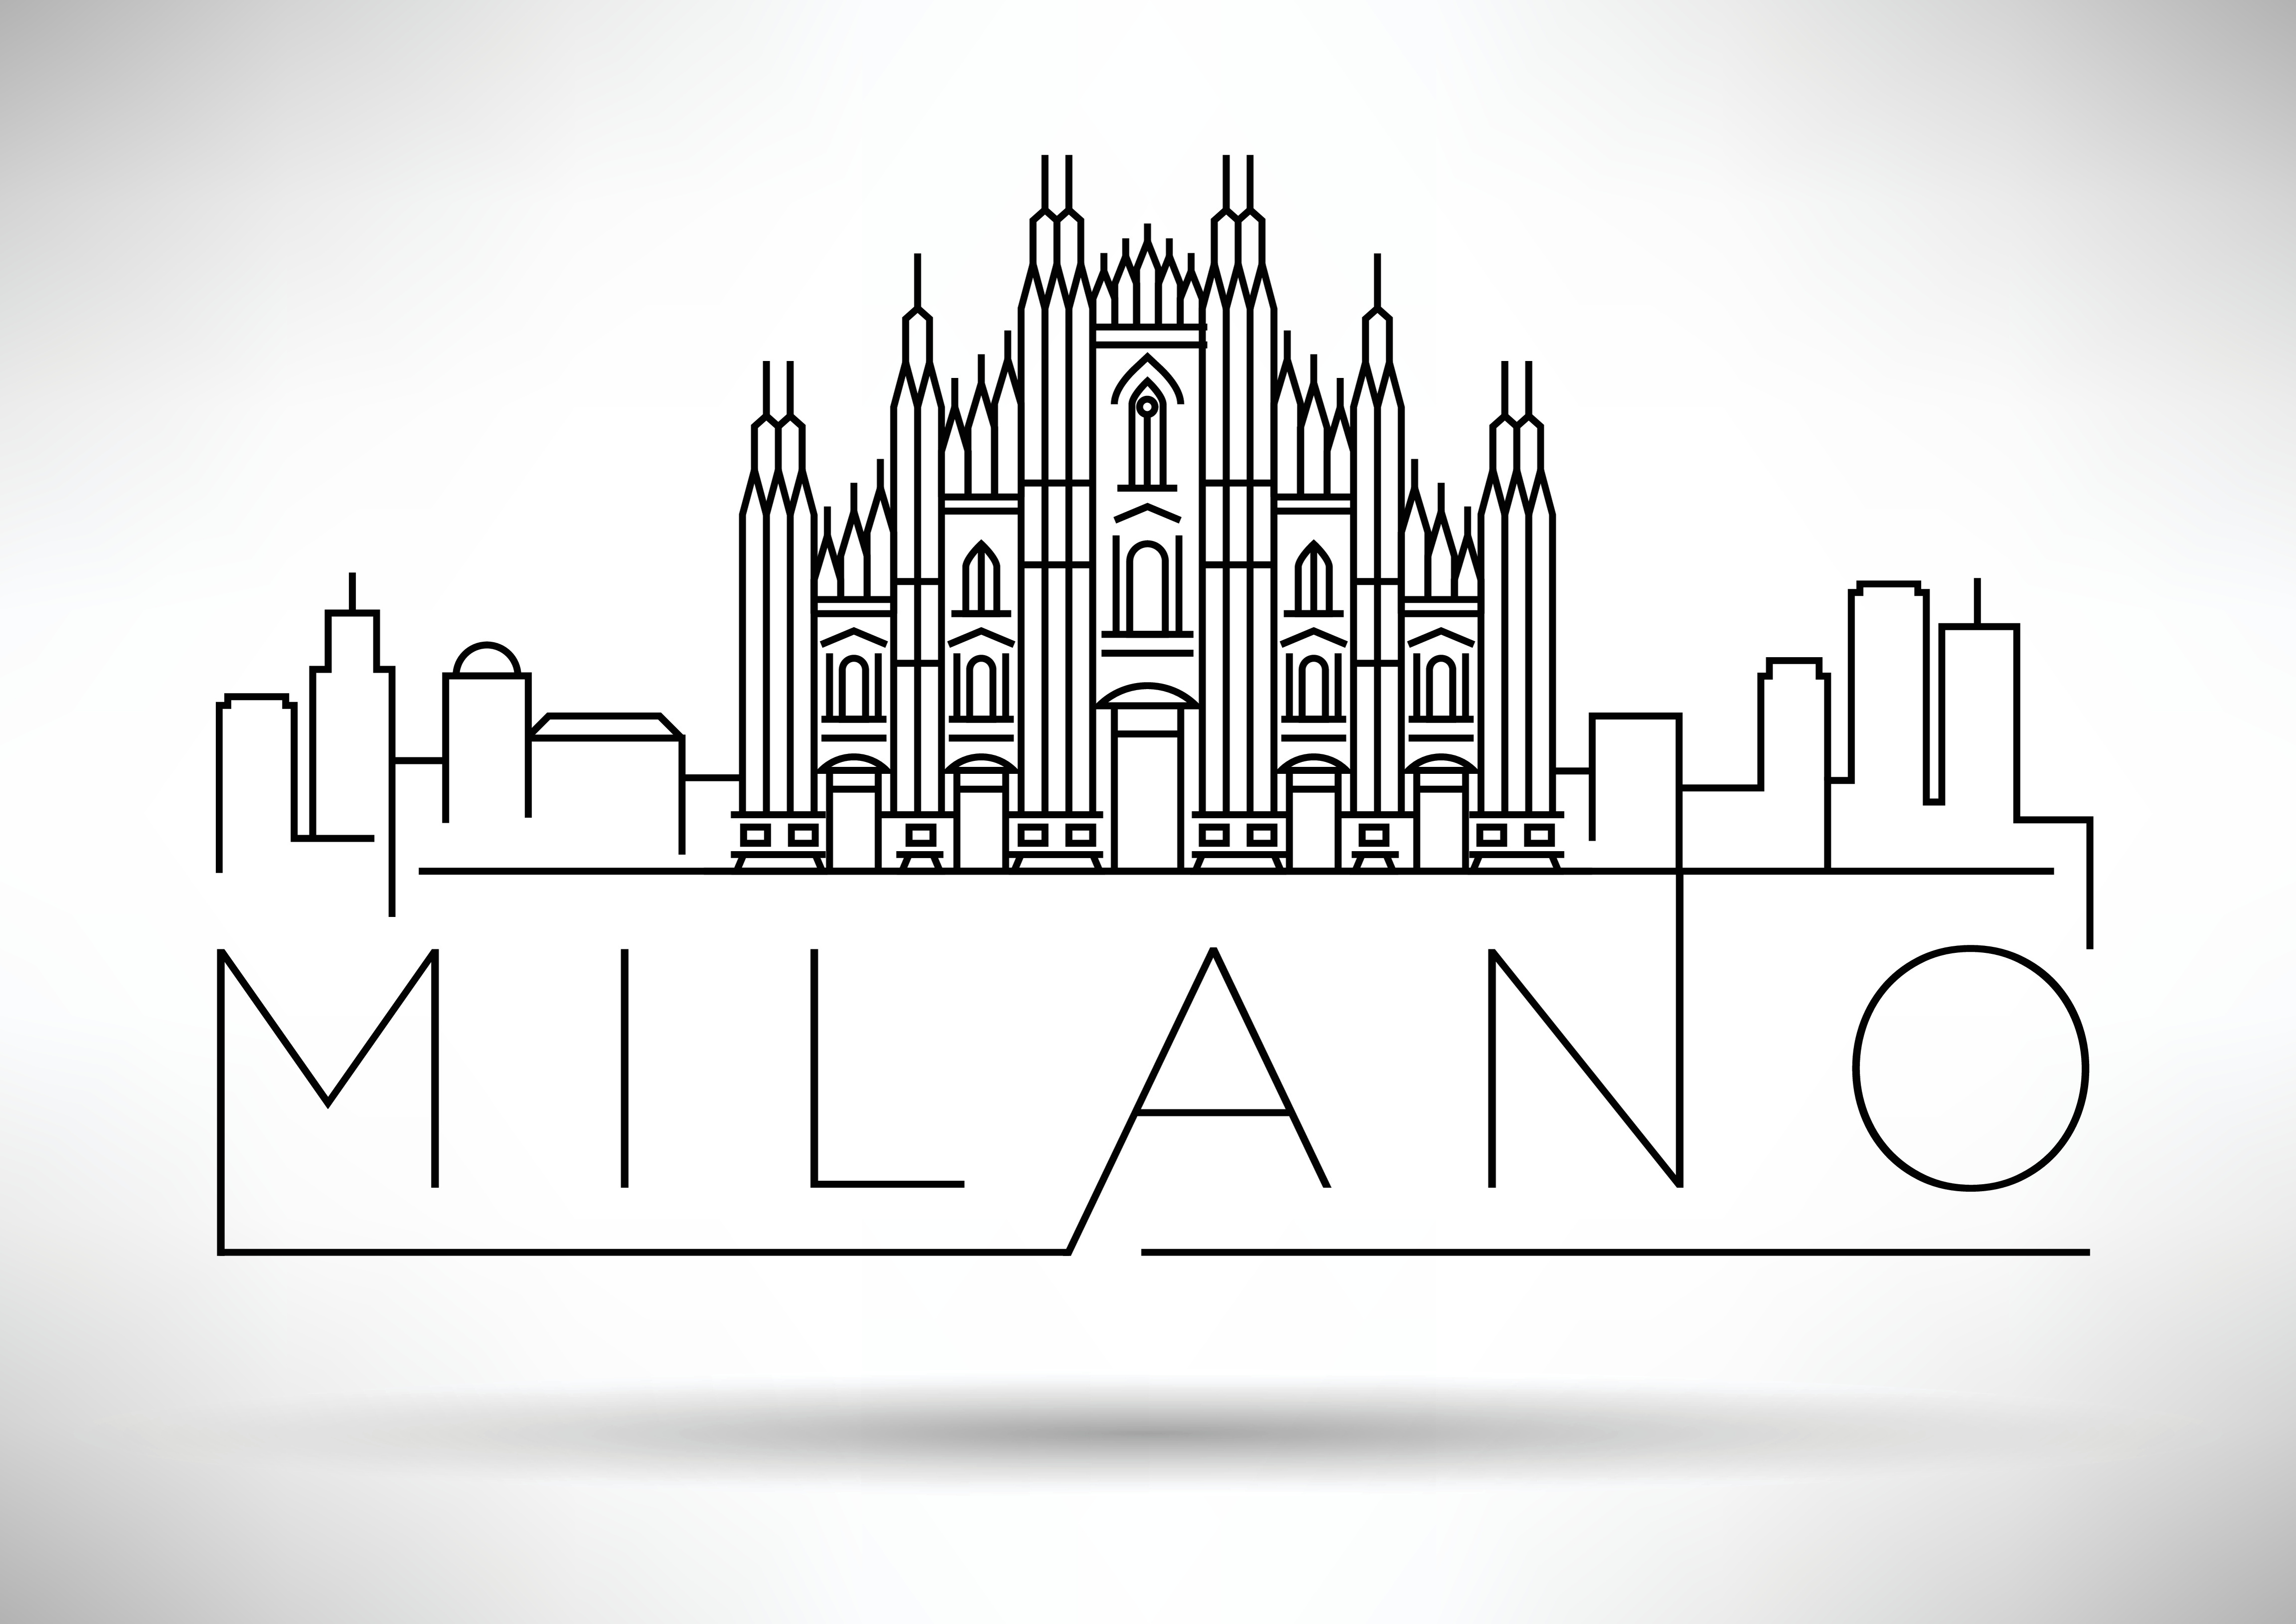 MILANO: da dove arrivano gli acquirenti che comprano casa?